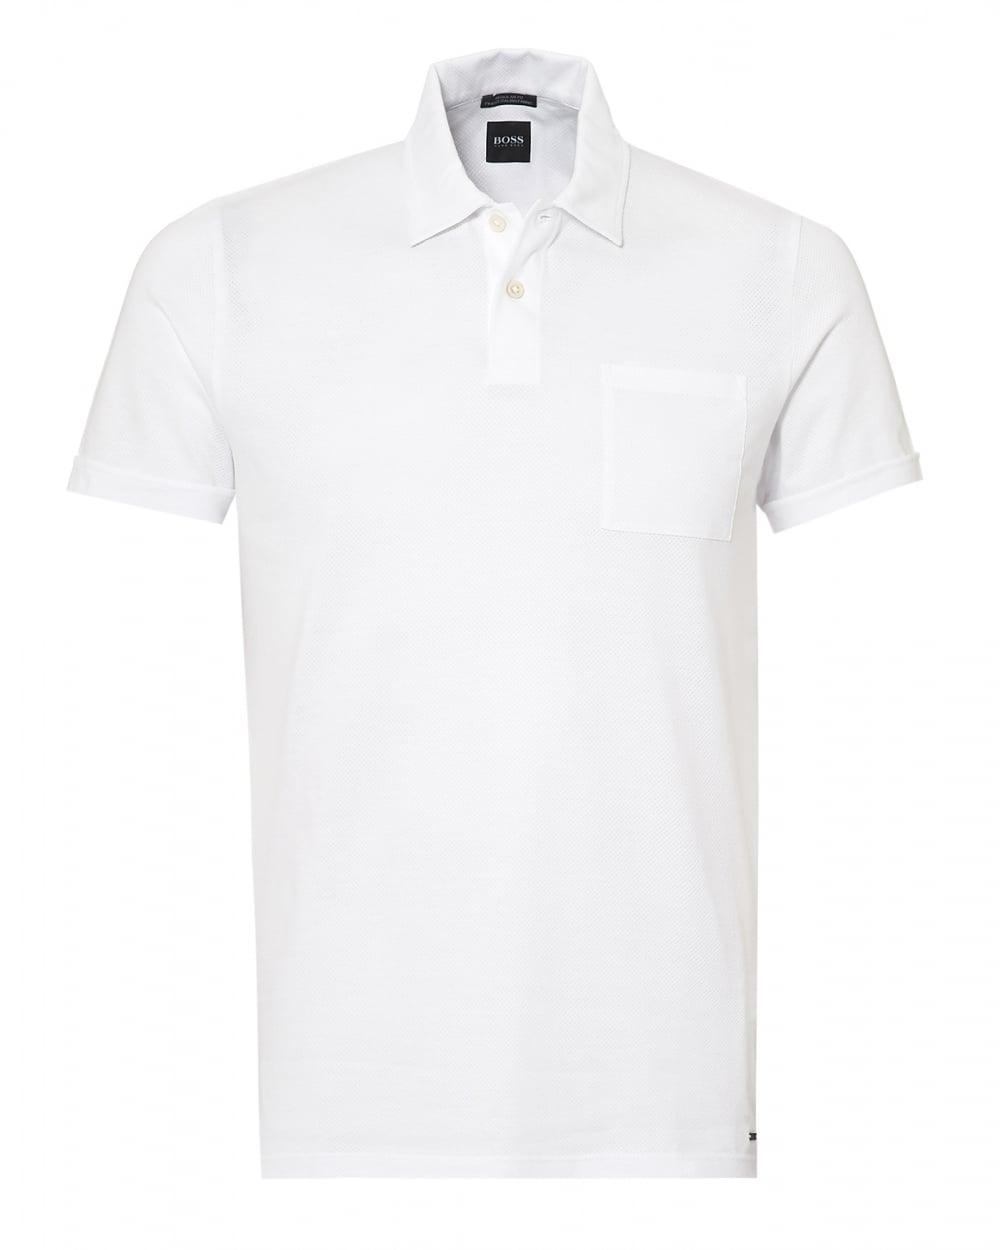 b81d51c8aeb Hugo Boss Black Mens Paino Polo Shirt